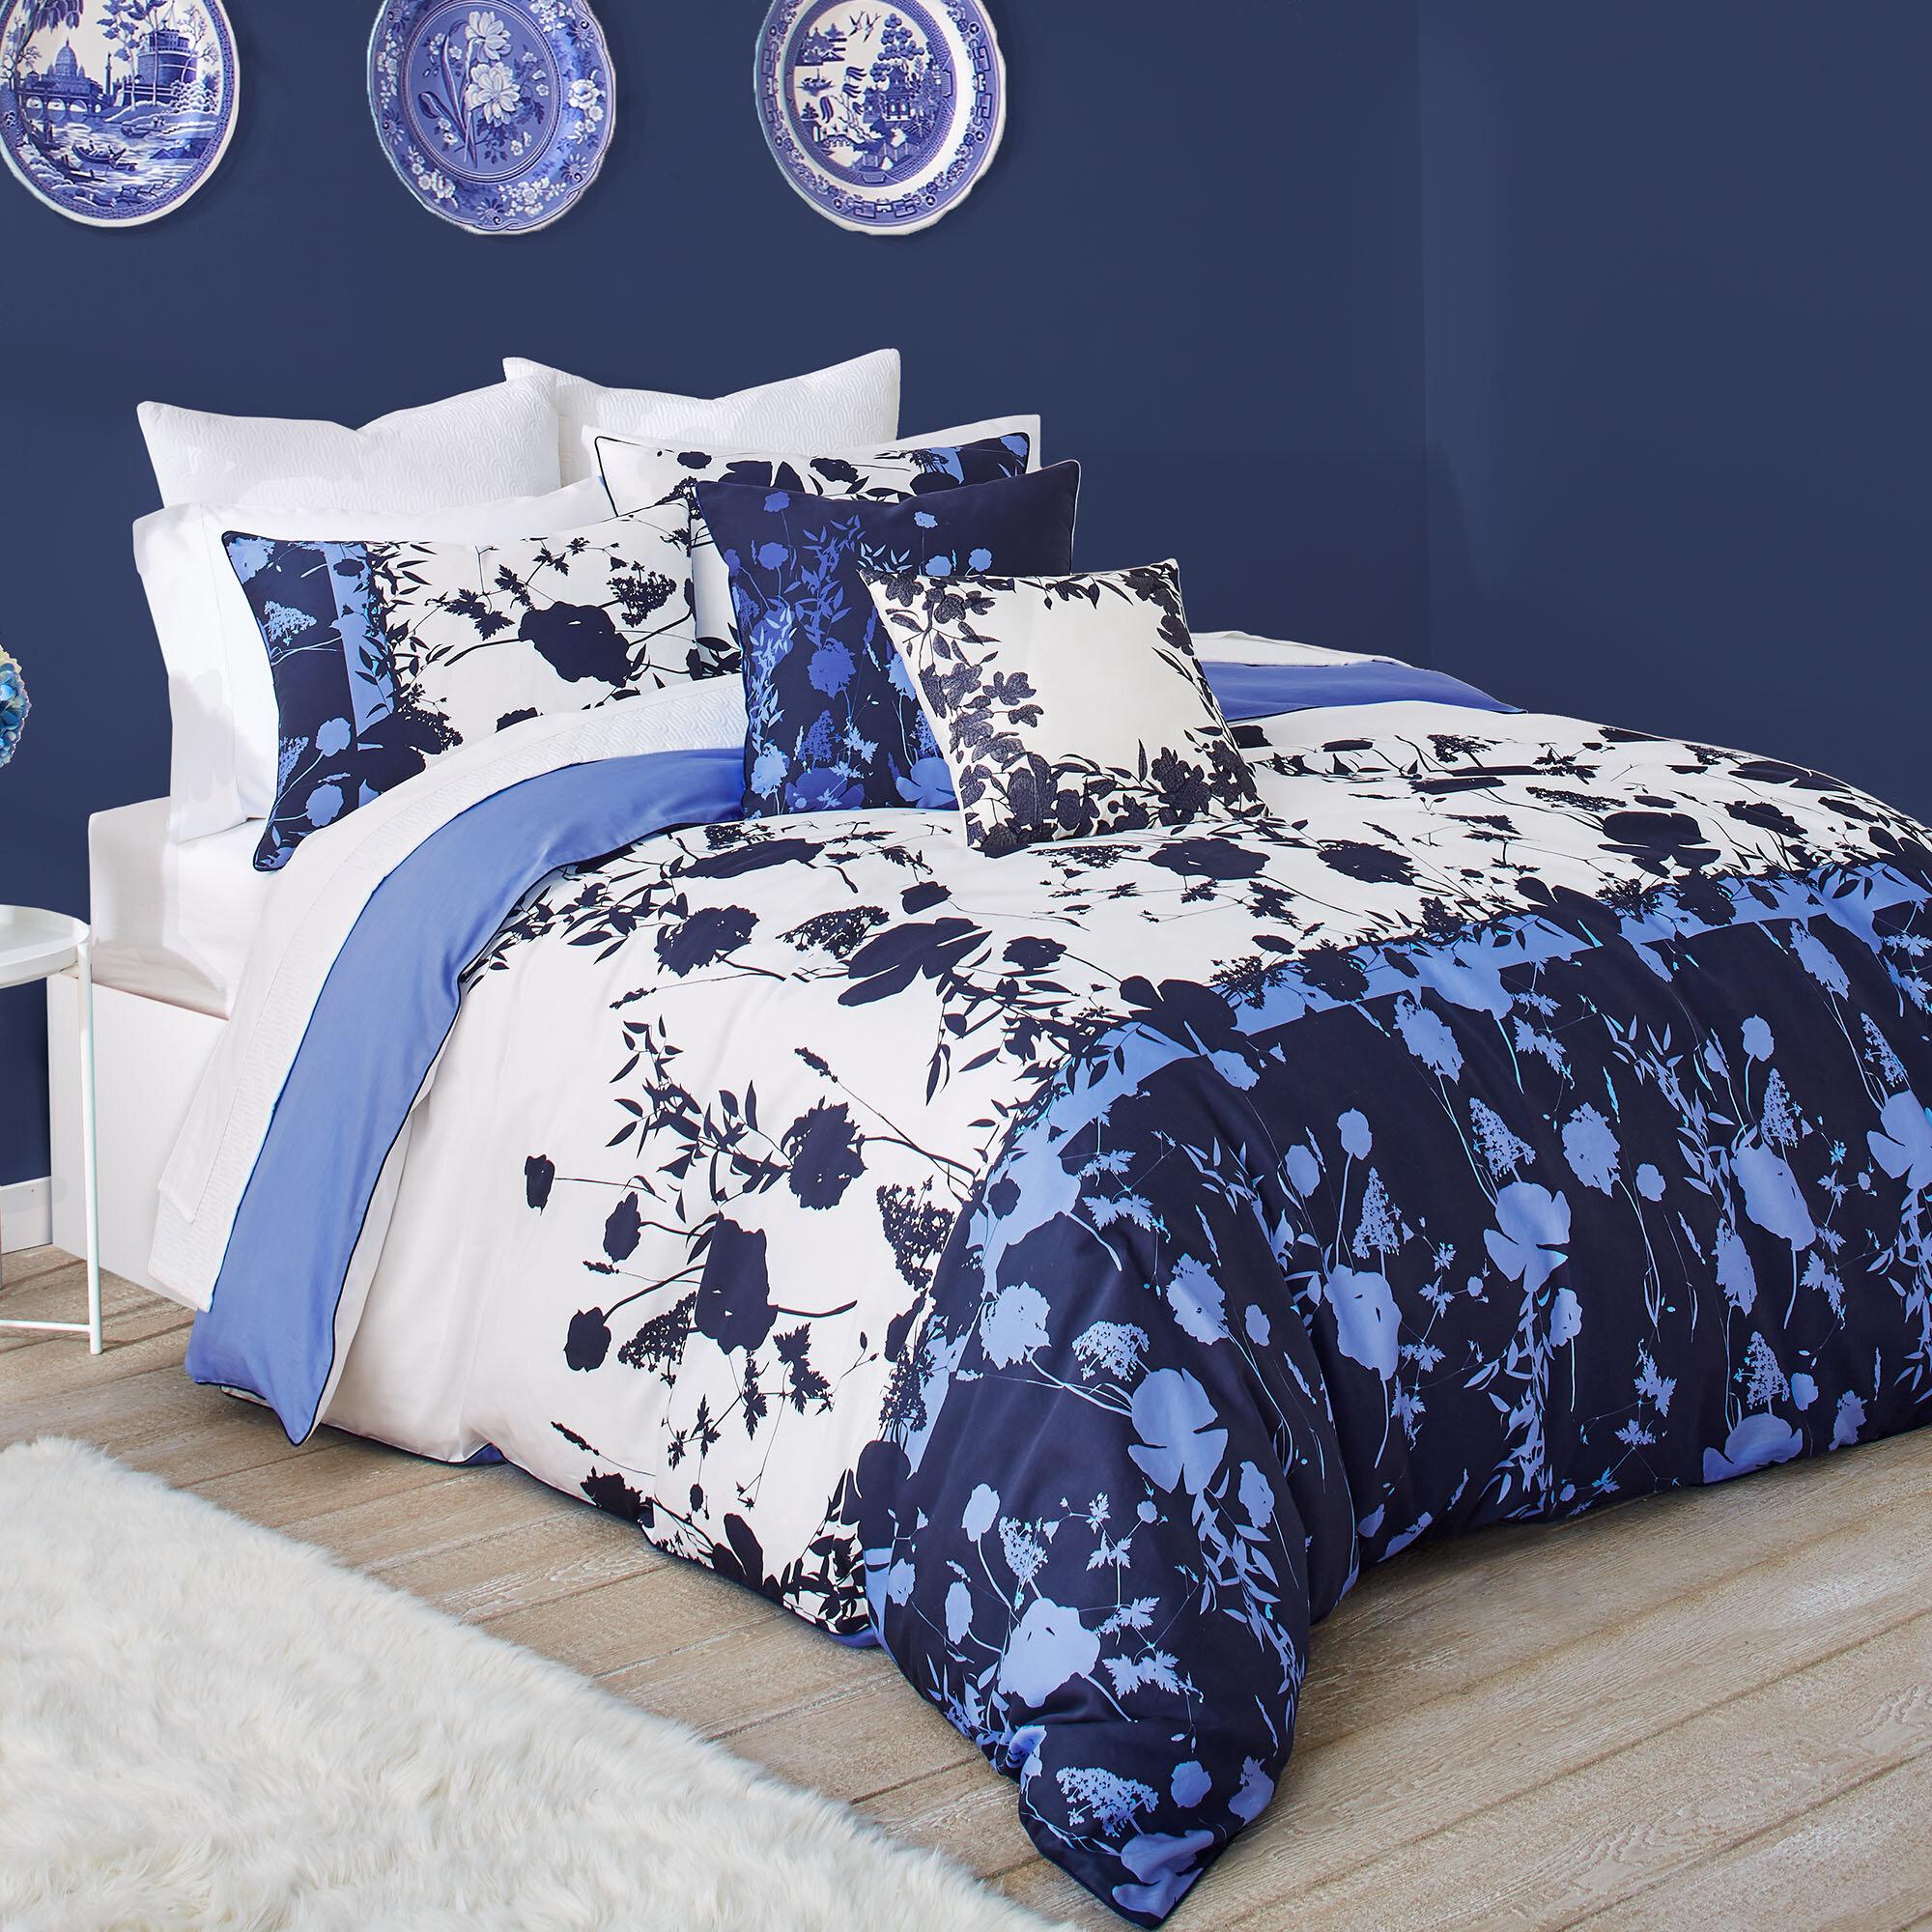 Ted Baker Bluebell Comforter Set Wayfair